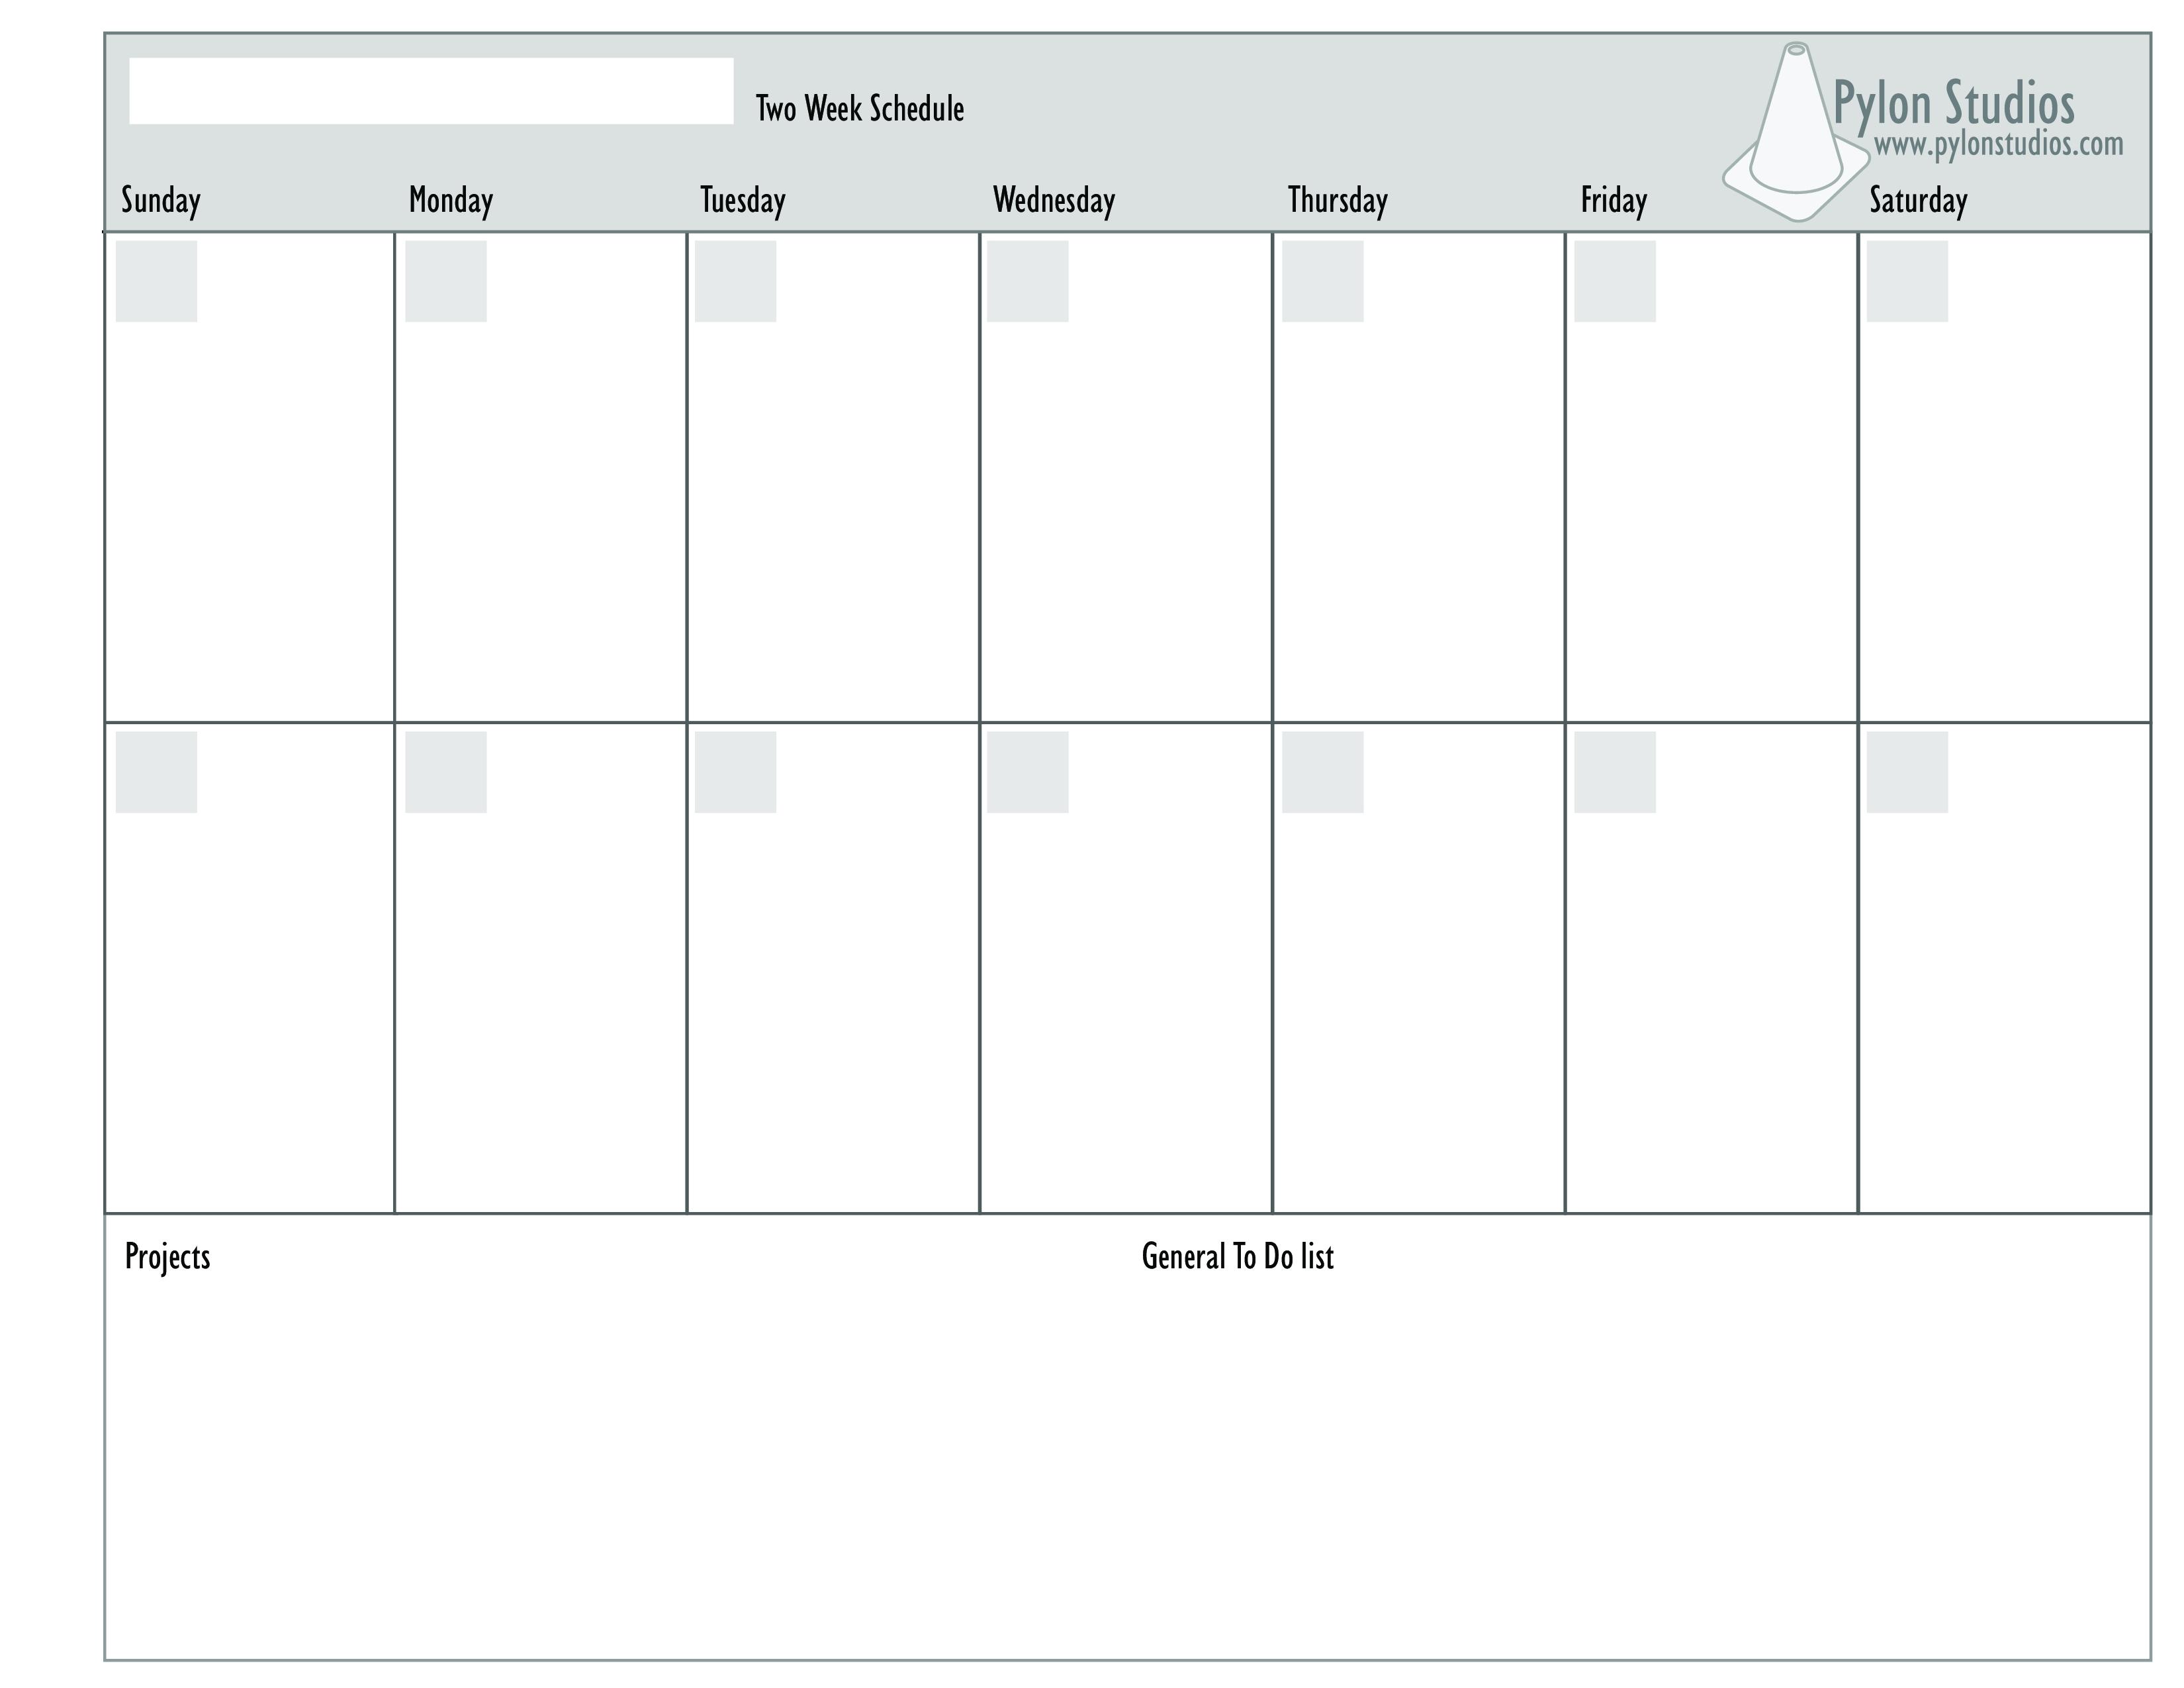 26 Expository 2 Week Blank Calendar-Printable 2 Week Blank Calendar Template